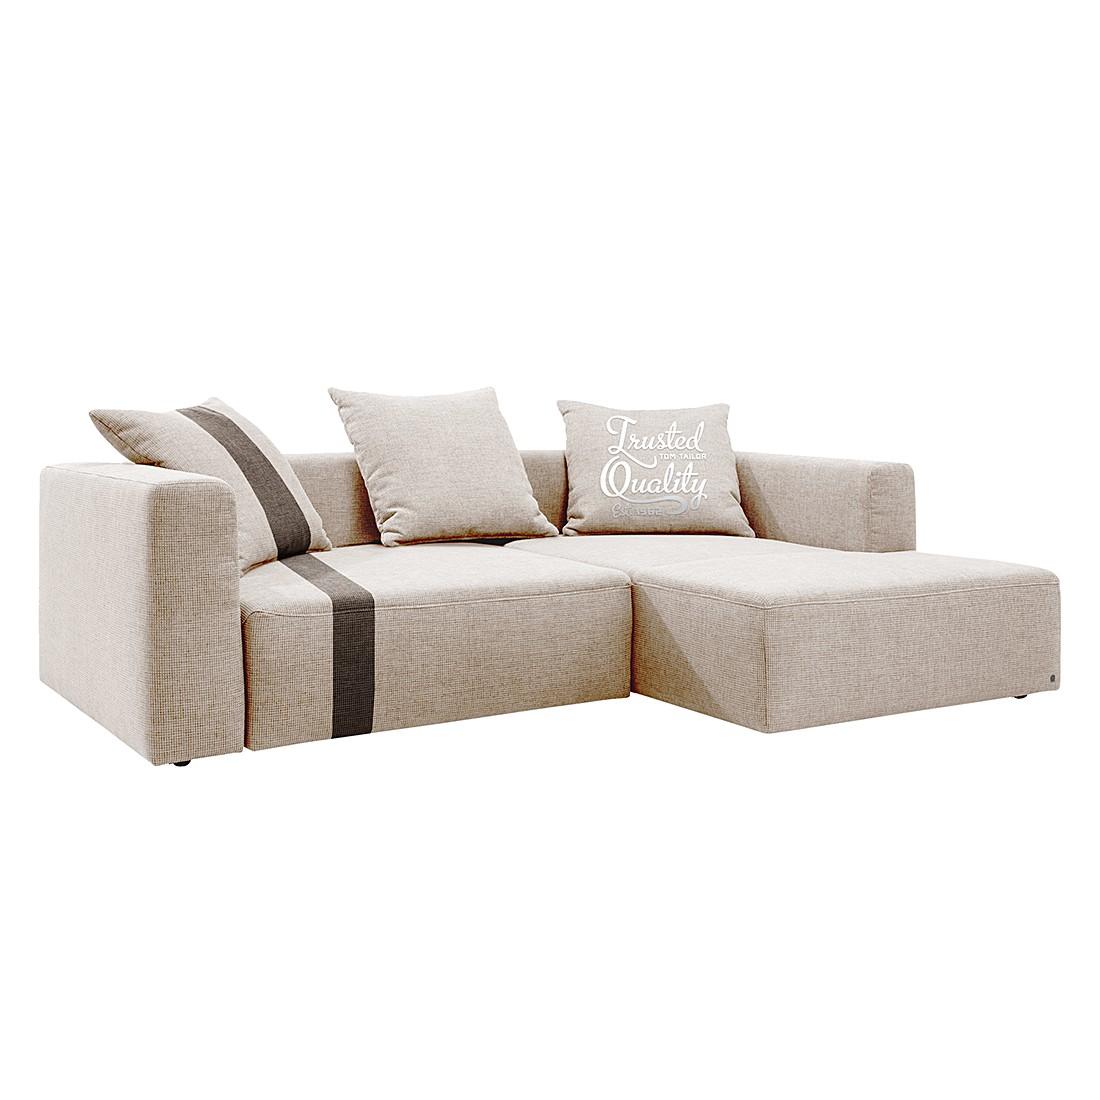 Canapé d'angle Heaven Stripe - Tissu Méridienne à droite (vue de face) - Beige / Marron - Sans couss